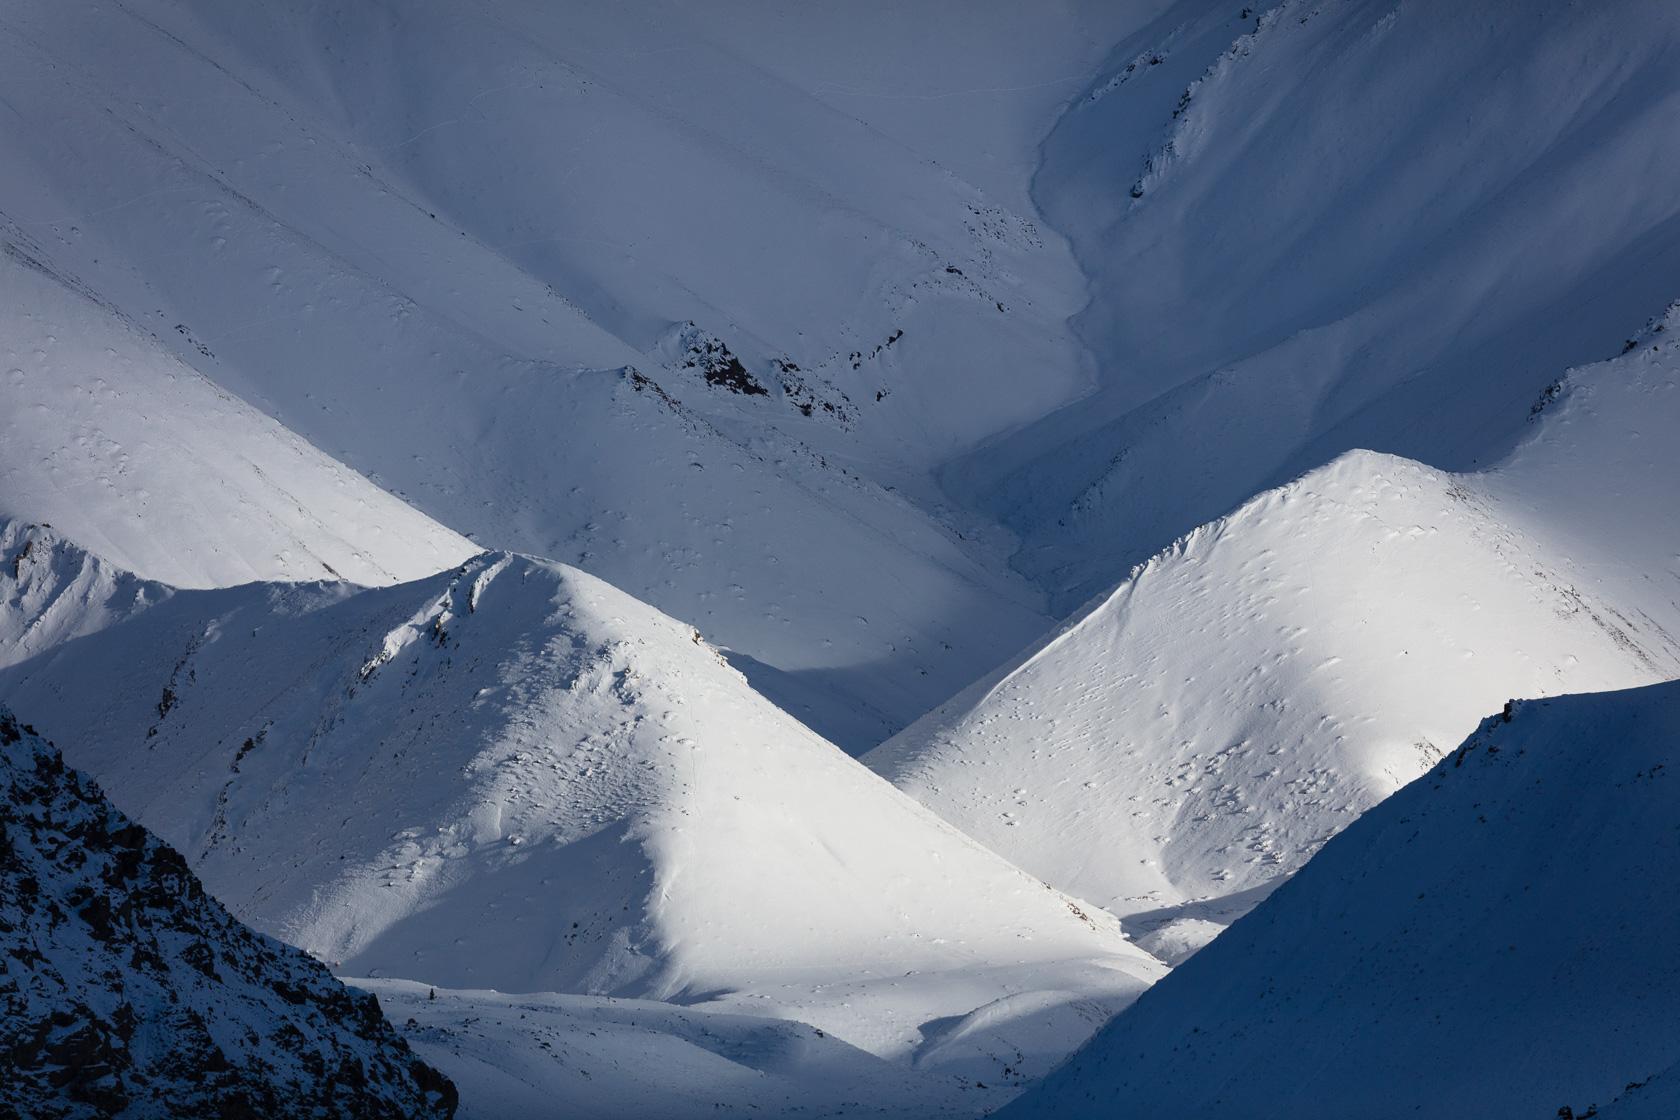 vallée de rumba, au Ladakh dans l'Himalaya indien, sous la neige